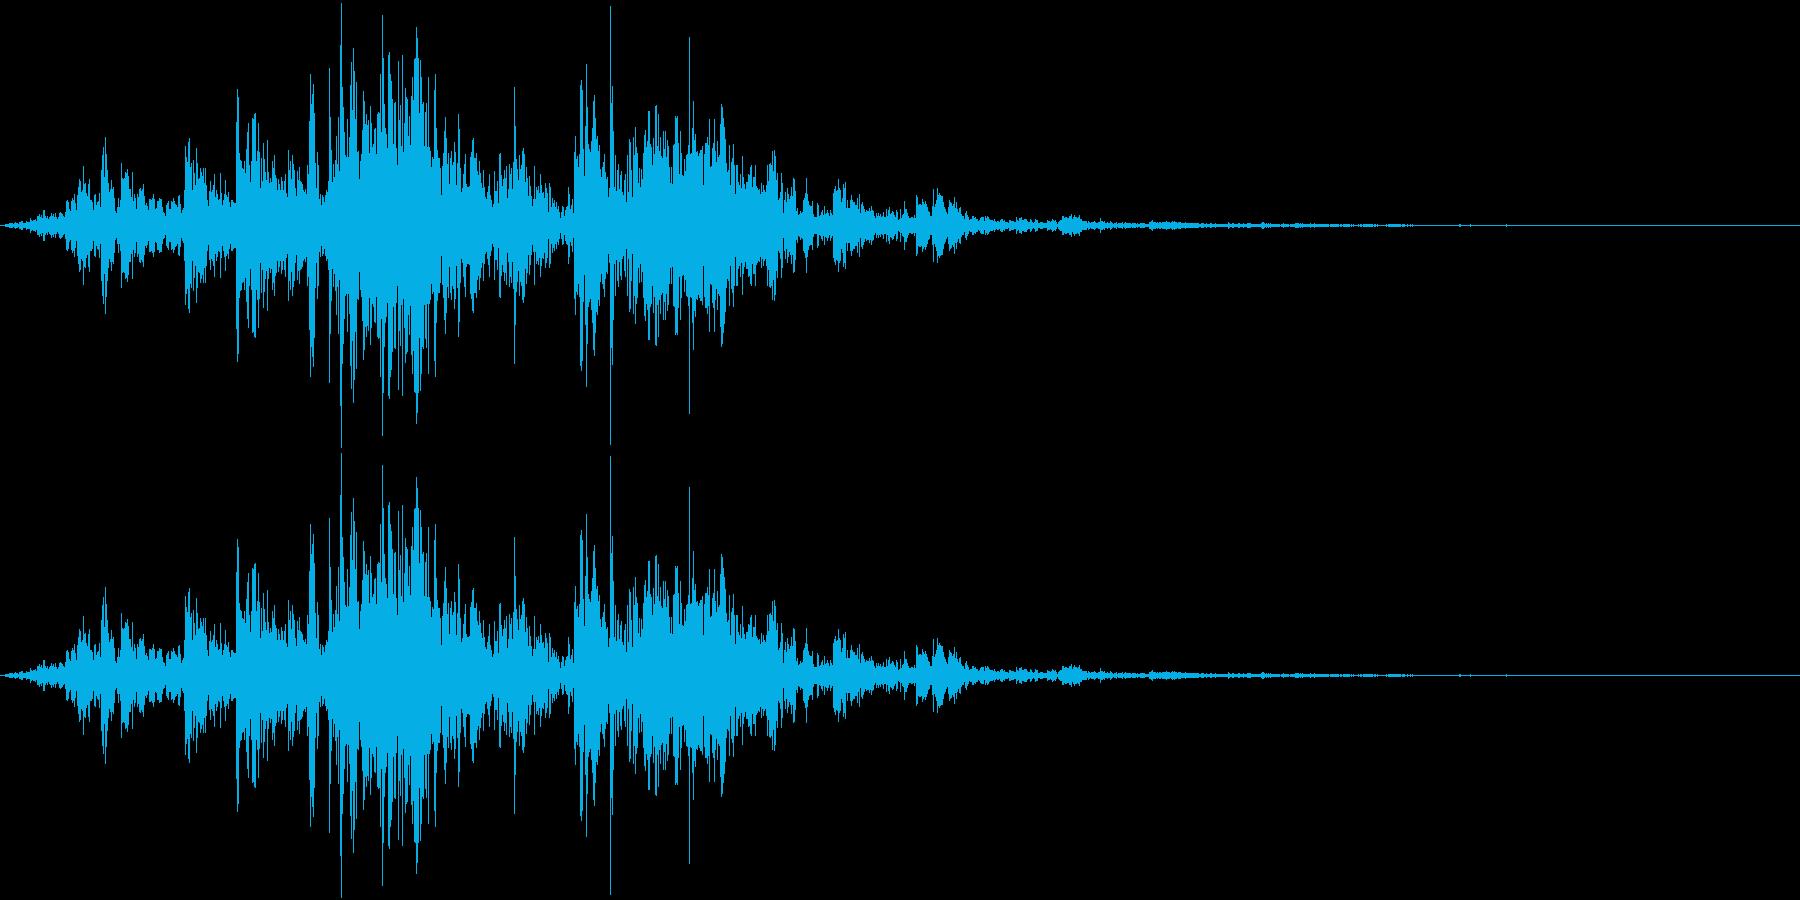 鎖を動かす音12【短い】の再生済みの波形